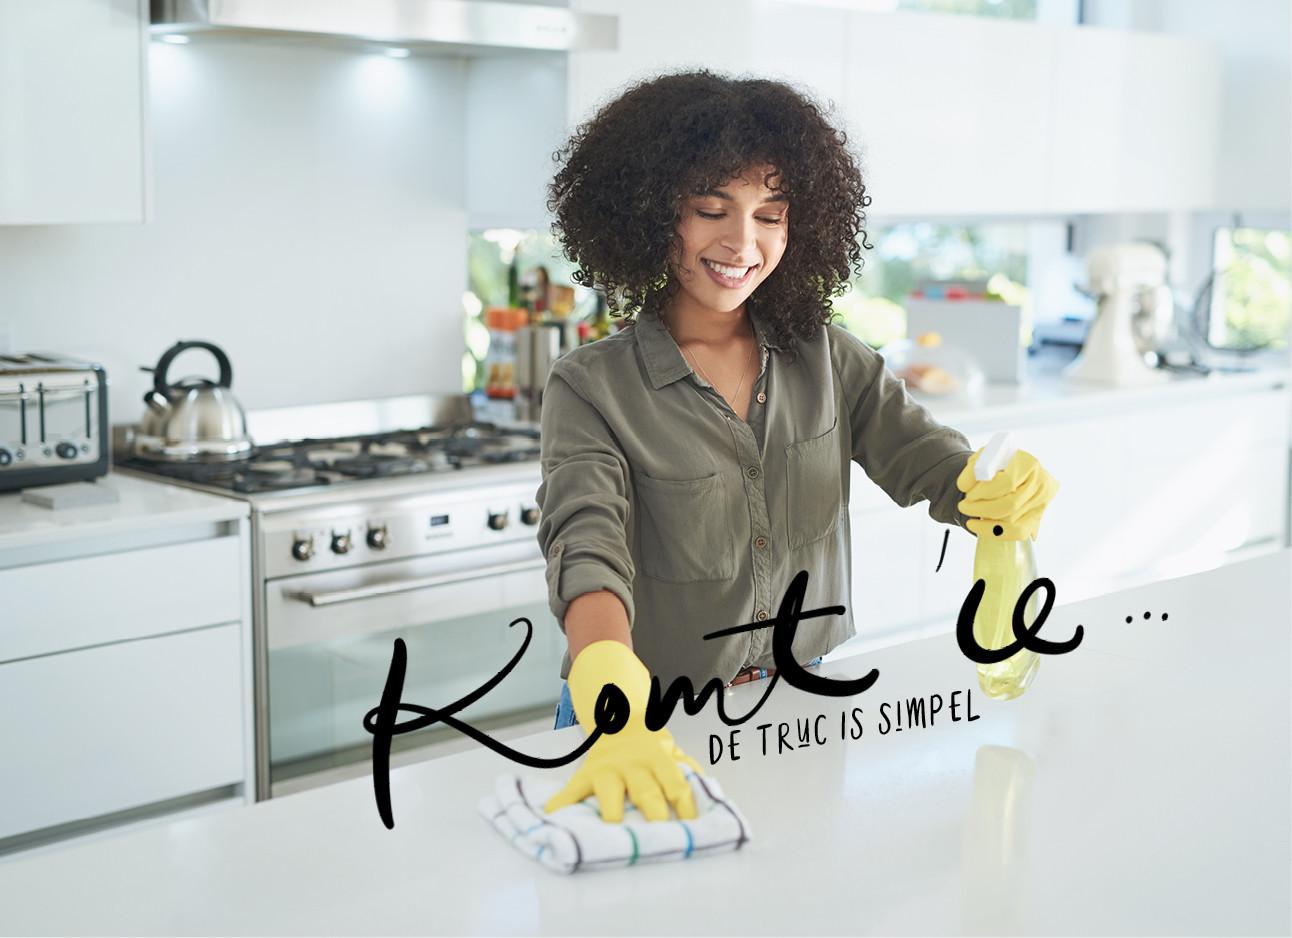 vrouw aan het schoonmaken in de keuken